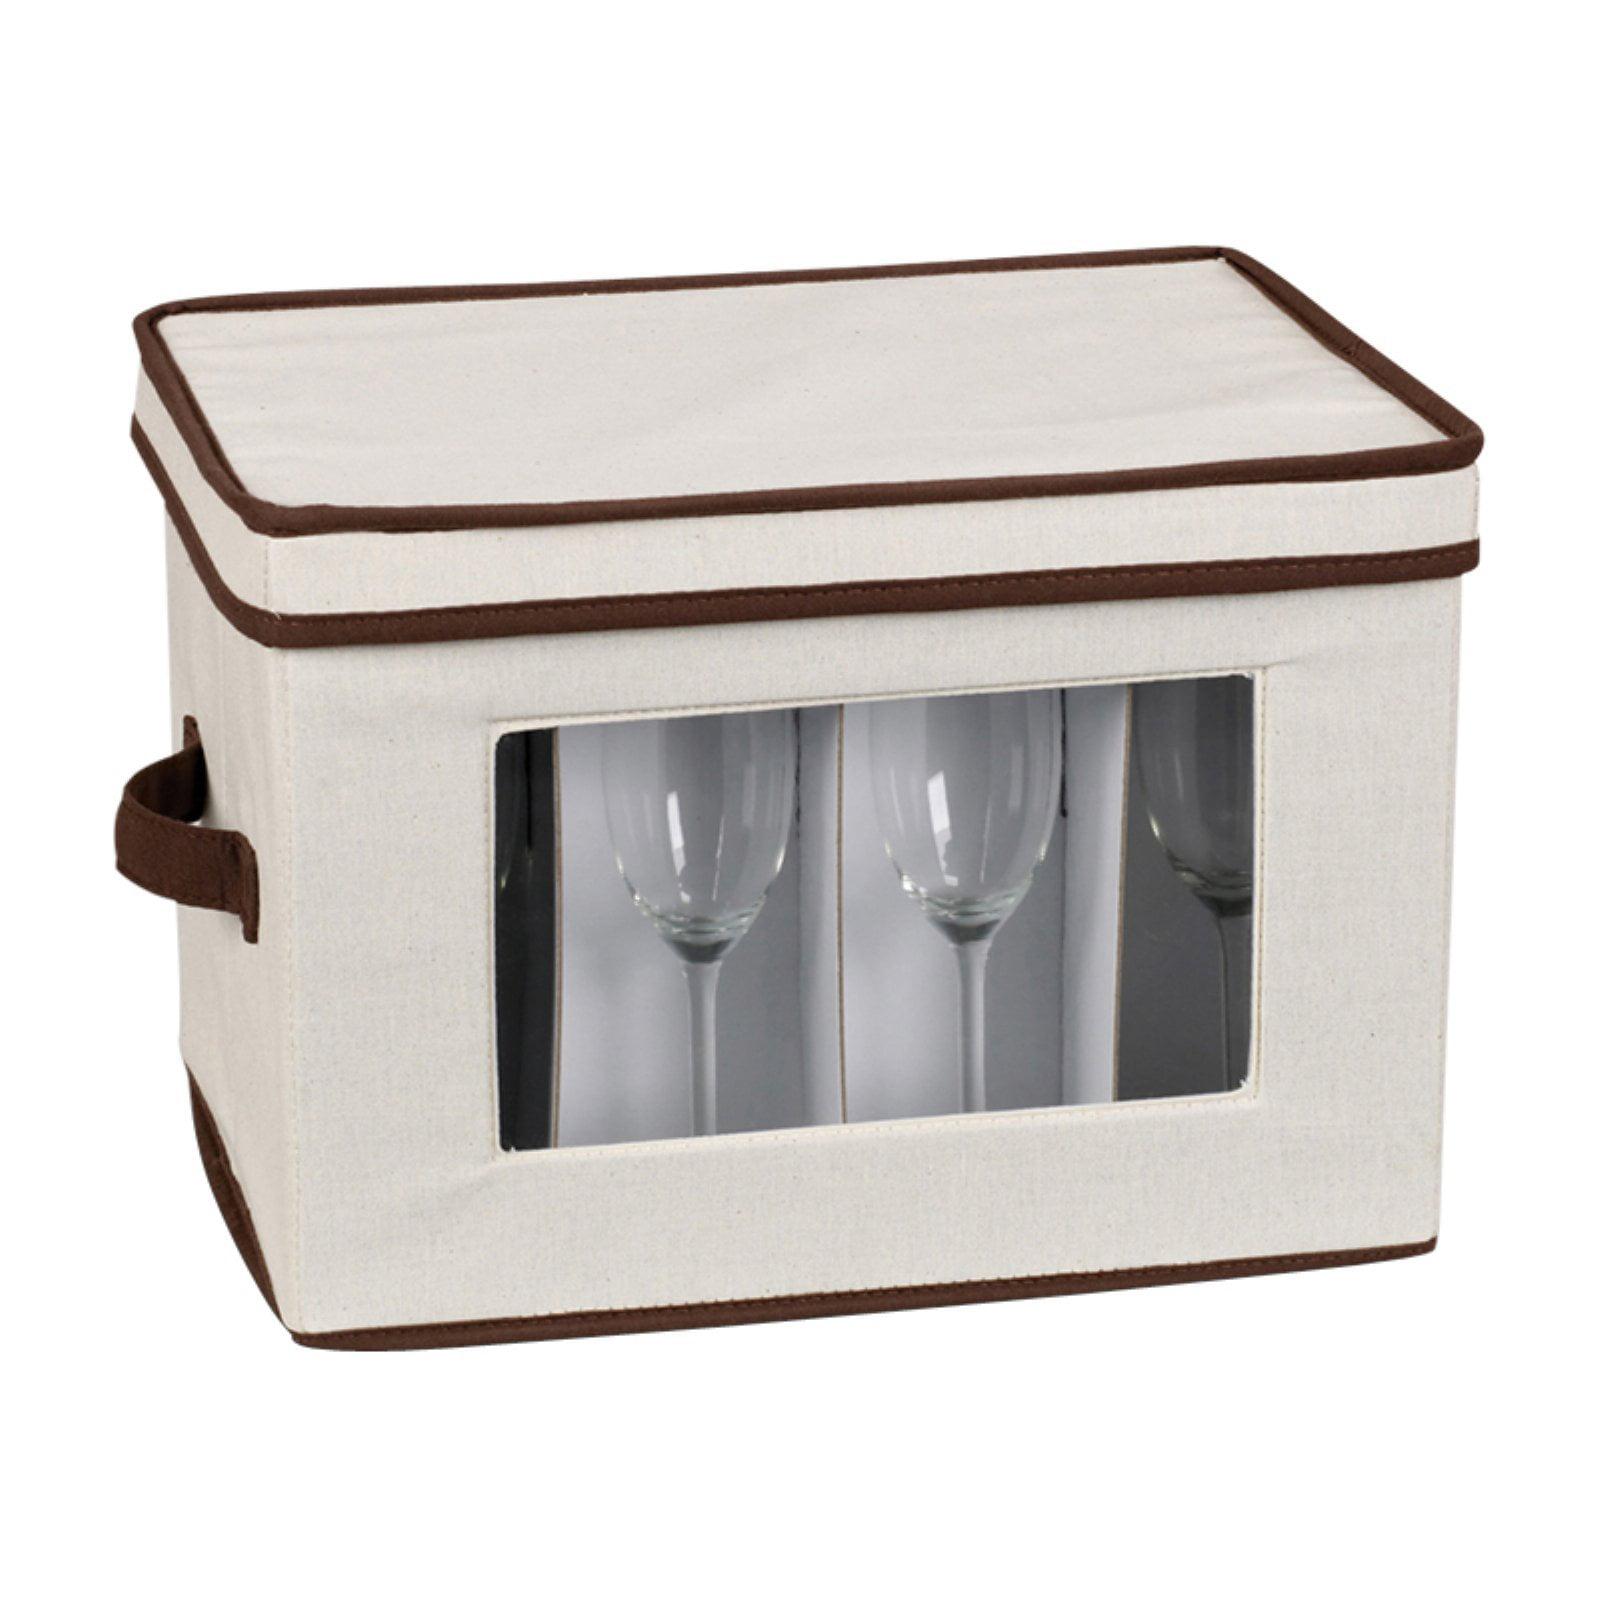 Household Essentials Window Vision Stemware Flute Chest